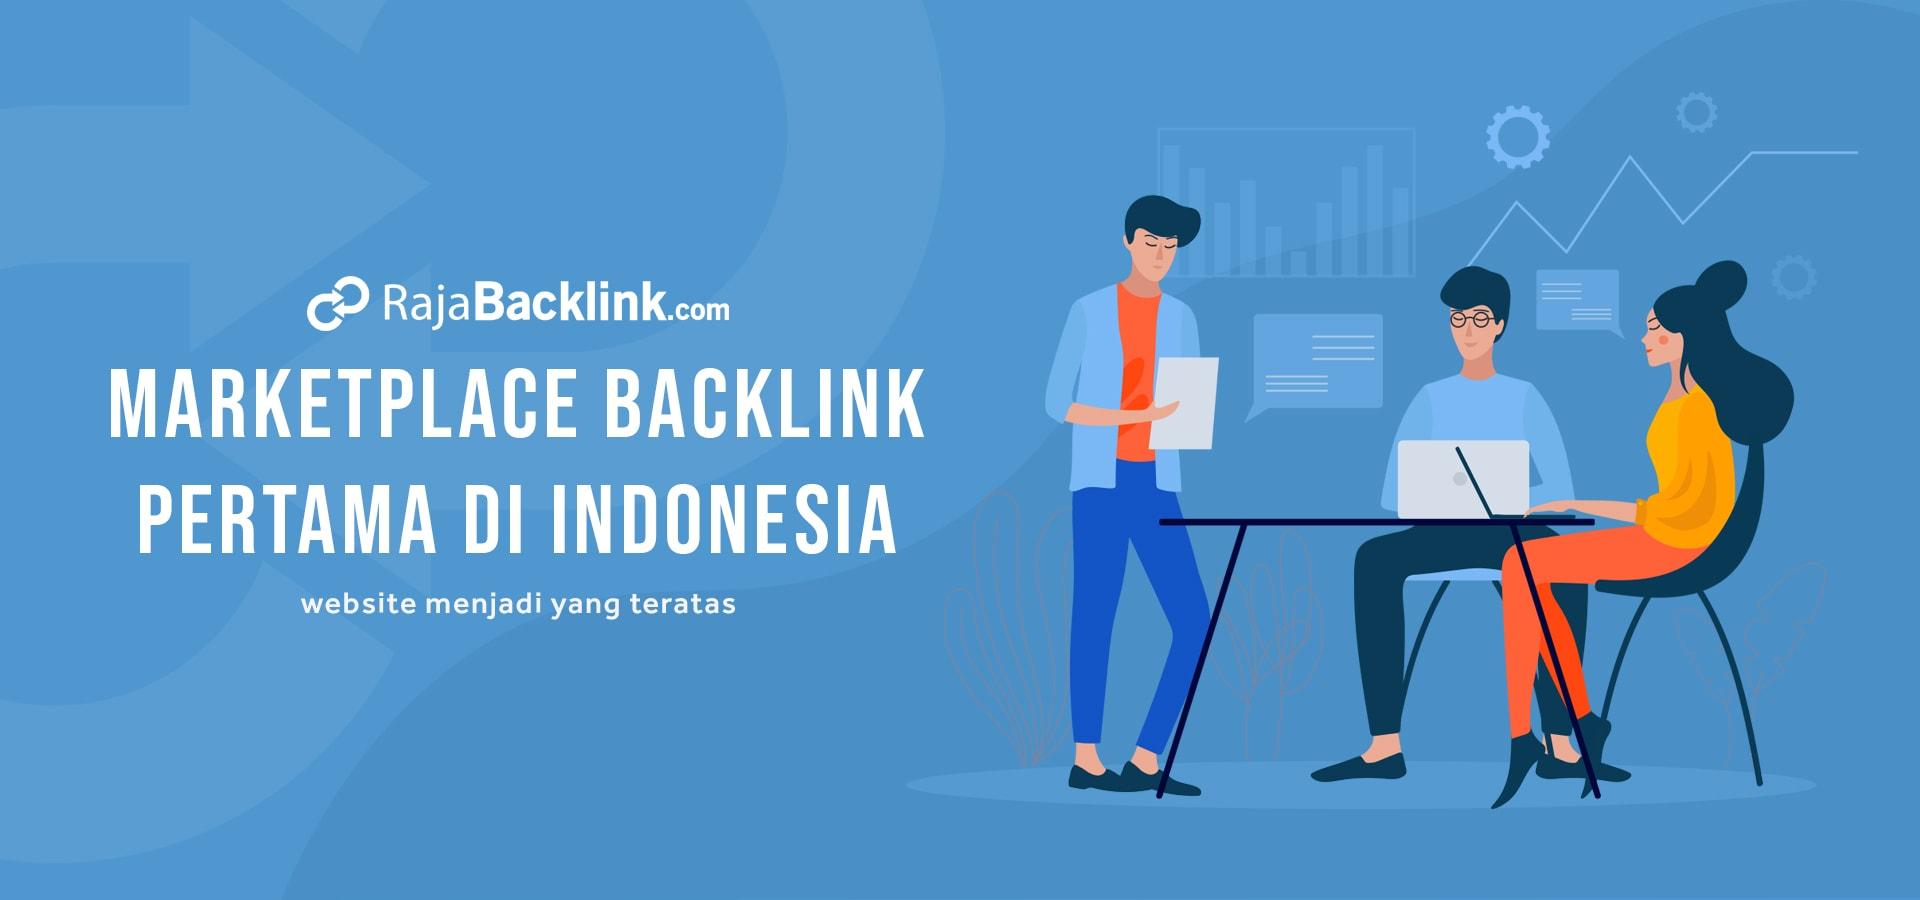 rajabacklink